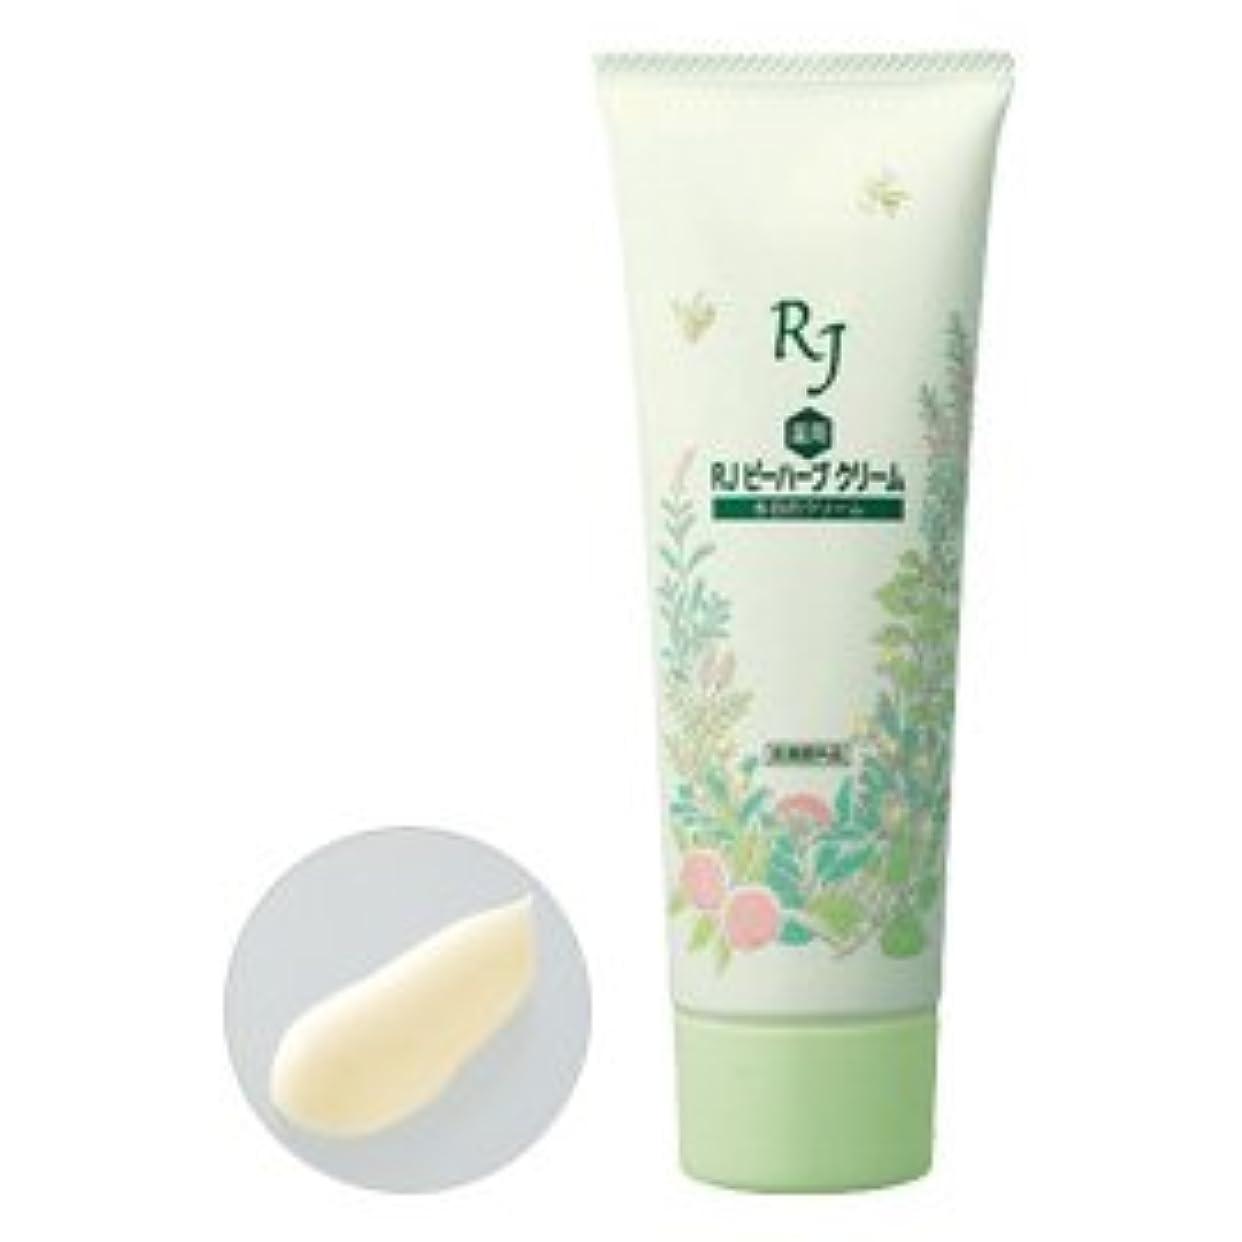 誤ってセラー追記薬用 RJビーハーブクリーム〈全身用保湿クリーム〉 医薬部外品 120g /Medicated RJ Bee Herb Cream<120g>